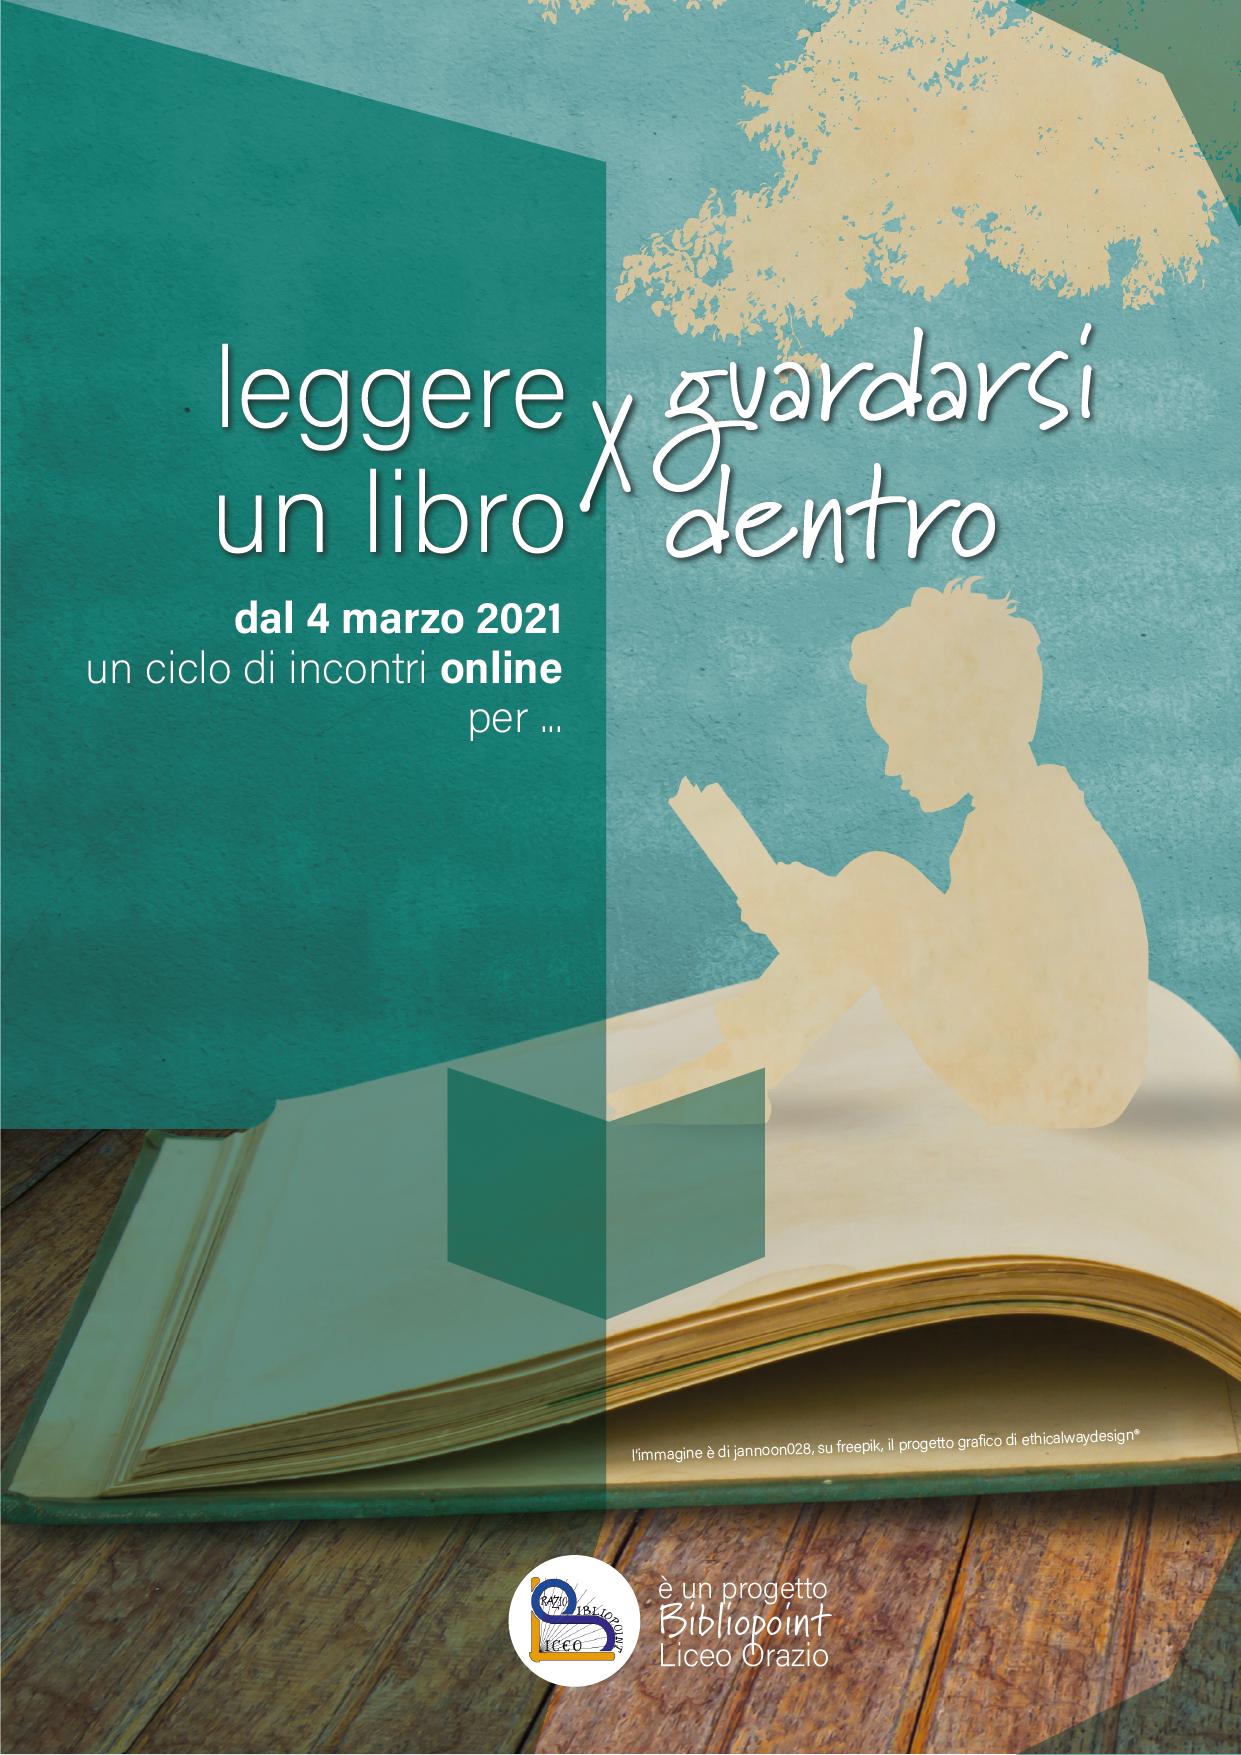 locandina Bibliopoint 2021_Tavola disegno 1 copia